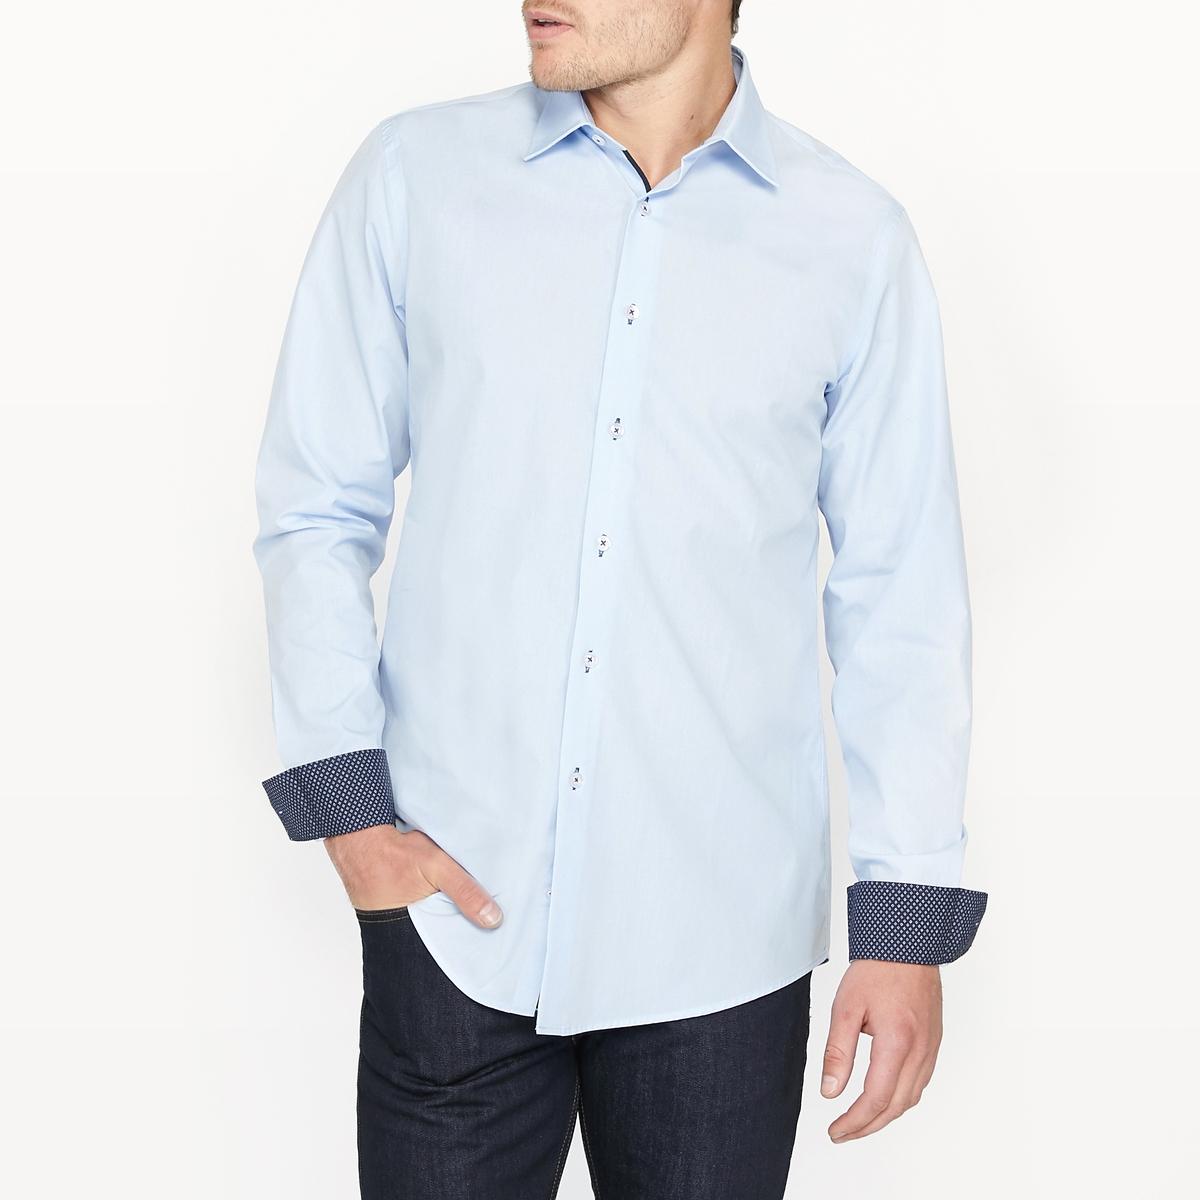 Рубашка узкая 100% хлопокРубашка с длинными рукавами и оригинальными вставками. Узкий покрой и итальянский воротник со свободными кончиками. Закругленный низ. Манжеты с отворотами и планка застежки на пуговицы.Состав и описание:Материал  100% хлопкаМарка  R essentielДлина: 79 см Уход:Машинная стирка при 30°CСтирка с вещами схожих цветовОтбеливание запрещеноГладить на средней температуре Сухая (химическая) чистка запрещенаМашинная сушка запрещена<br><br>Цвет: небесно-голубой<br>Размер: 35/36.43/44.39/40.41/42